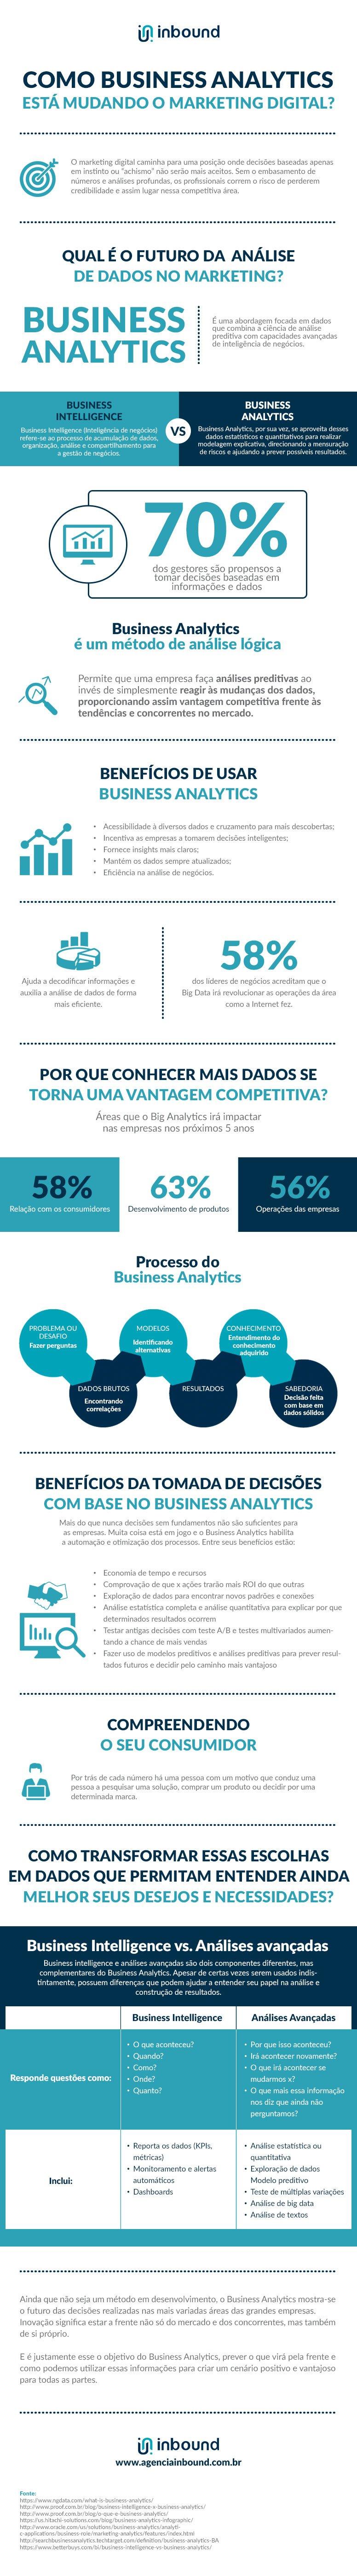 Como Business Analytics está mudando o marketing?